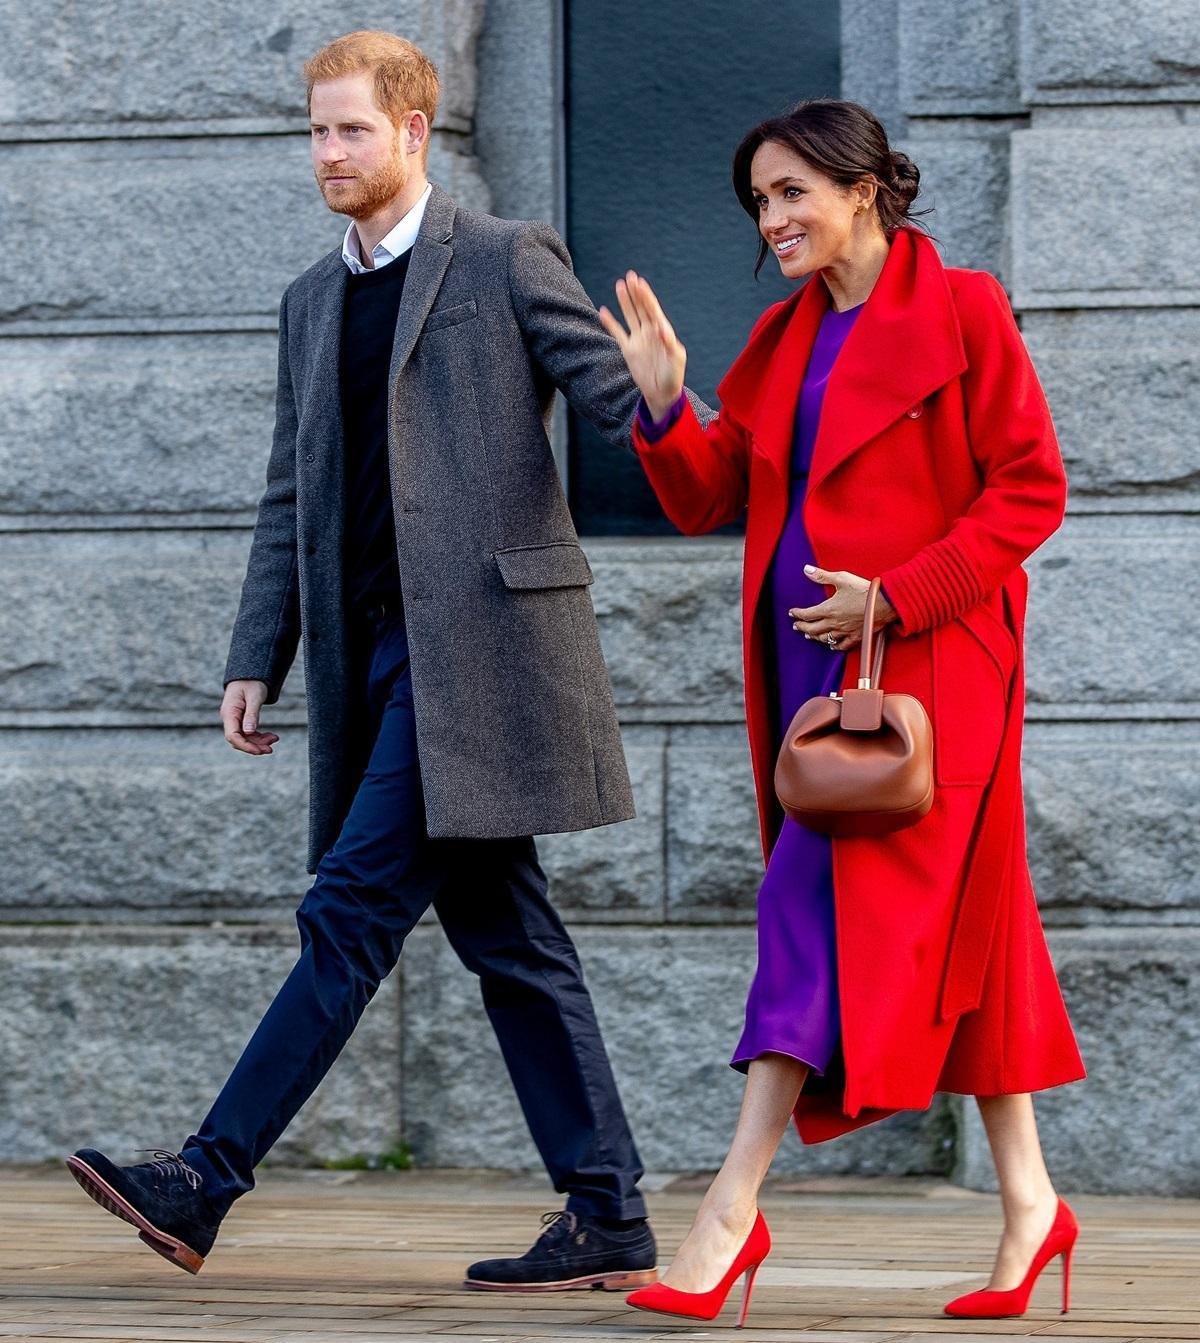 Ciężarna księżna Meghan w fioletowej sukni i czerwonym płaszczu